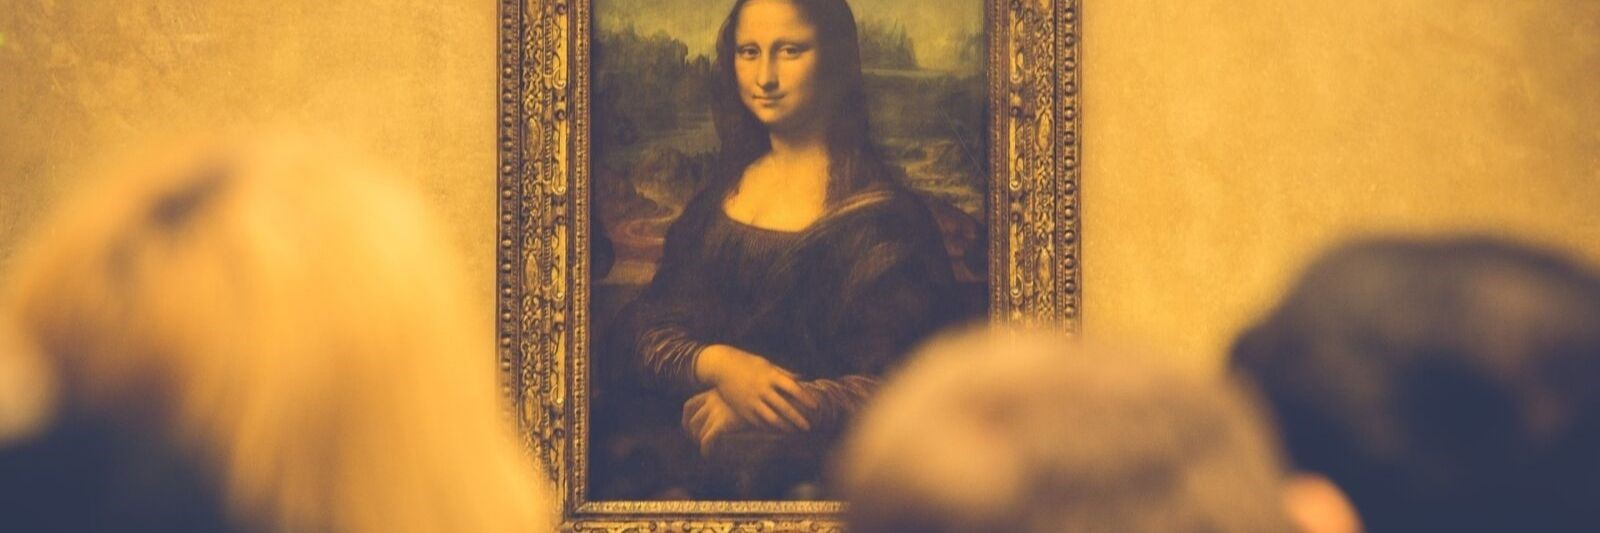 Le rôle du galeriste dans l'univers de l'art